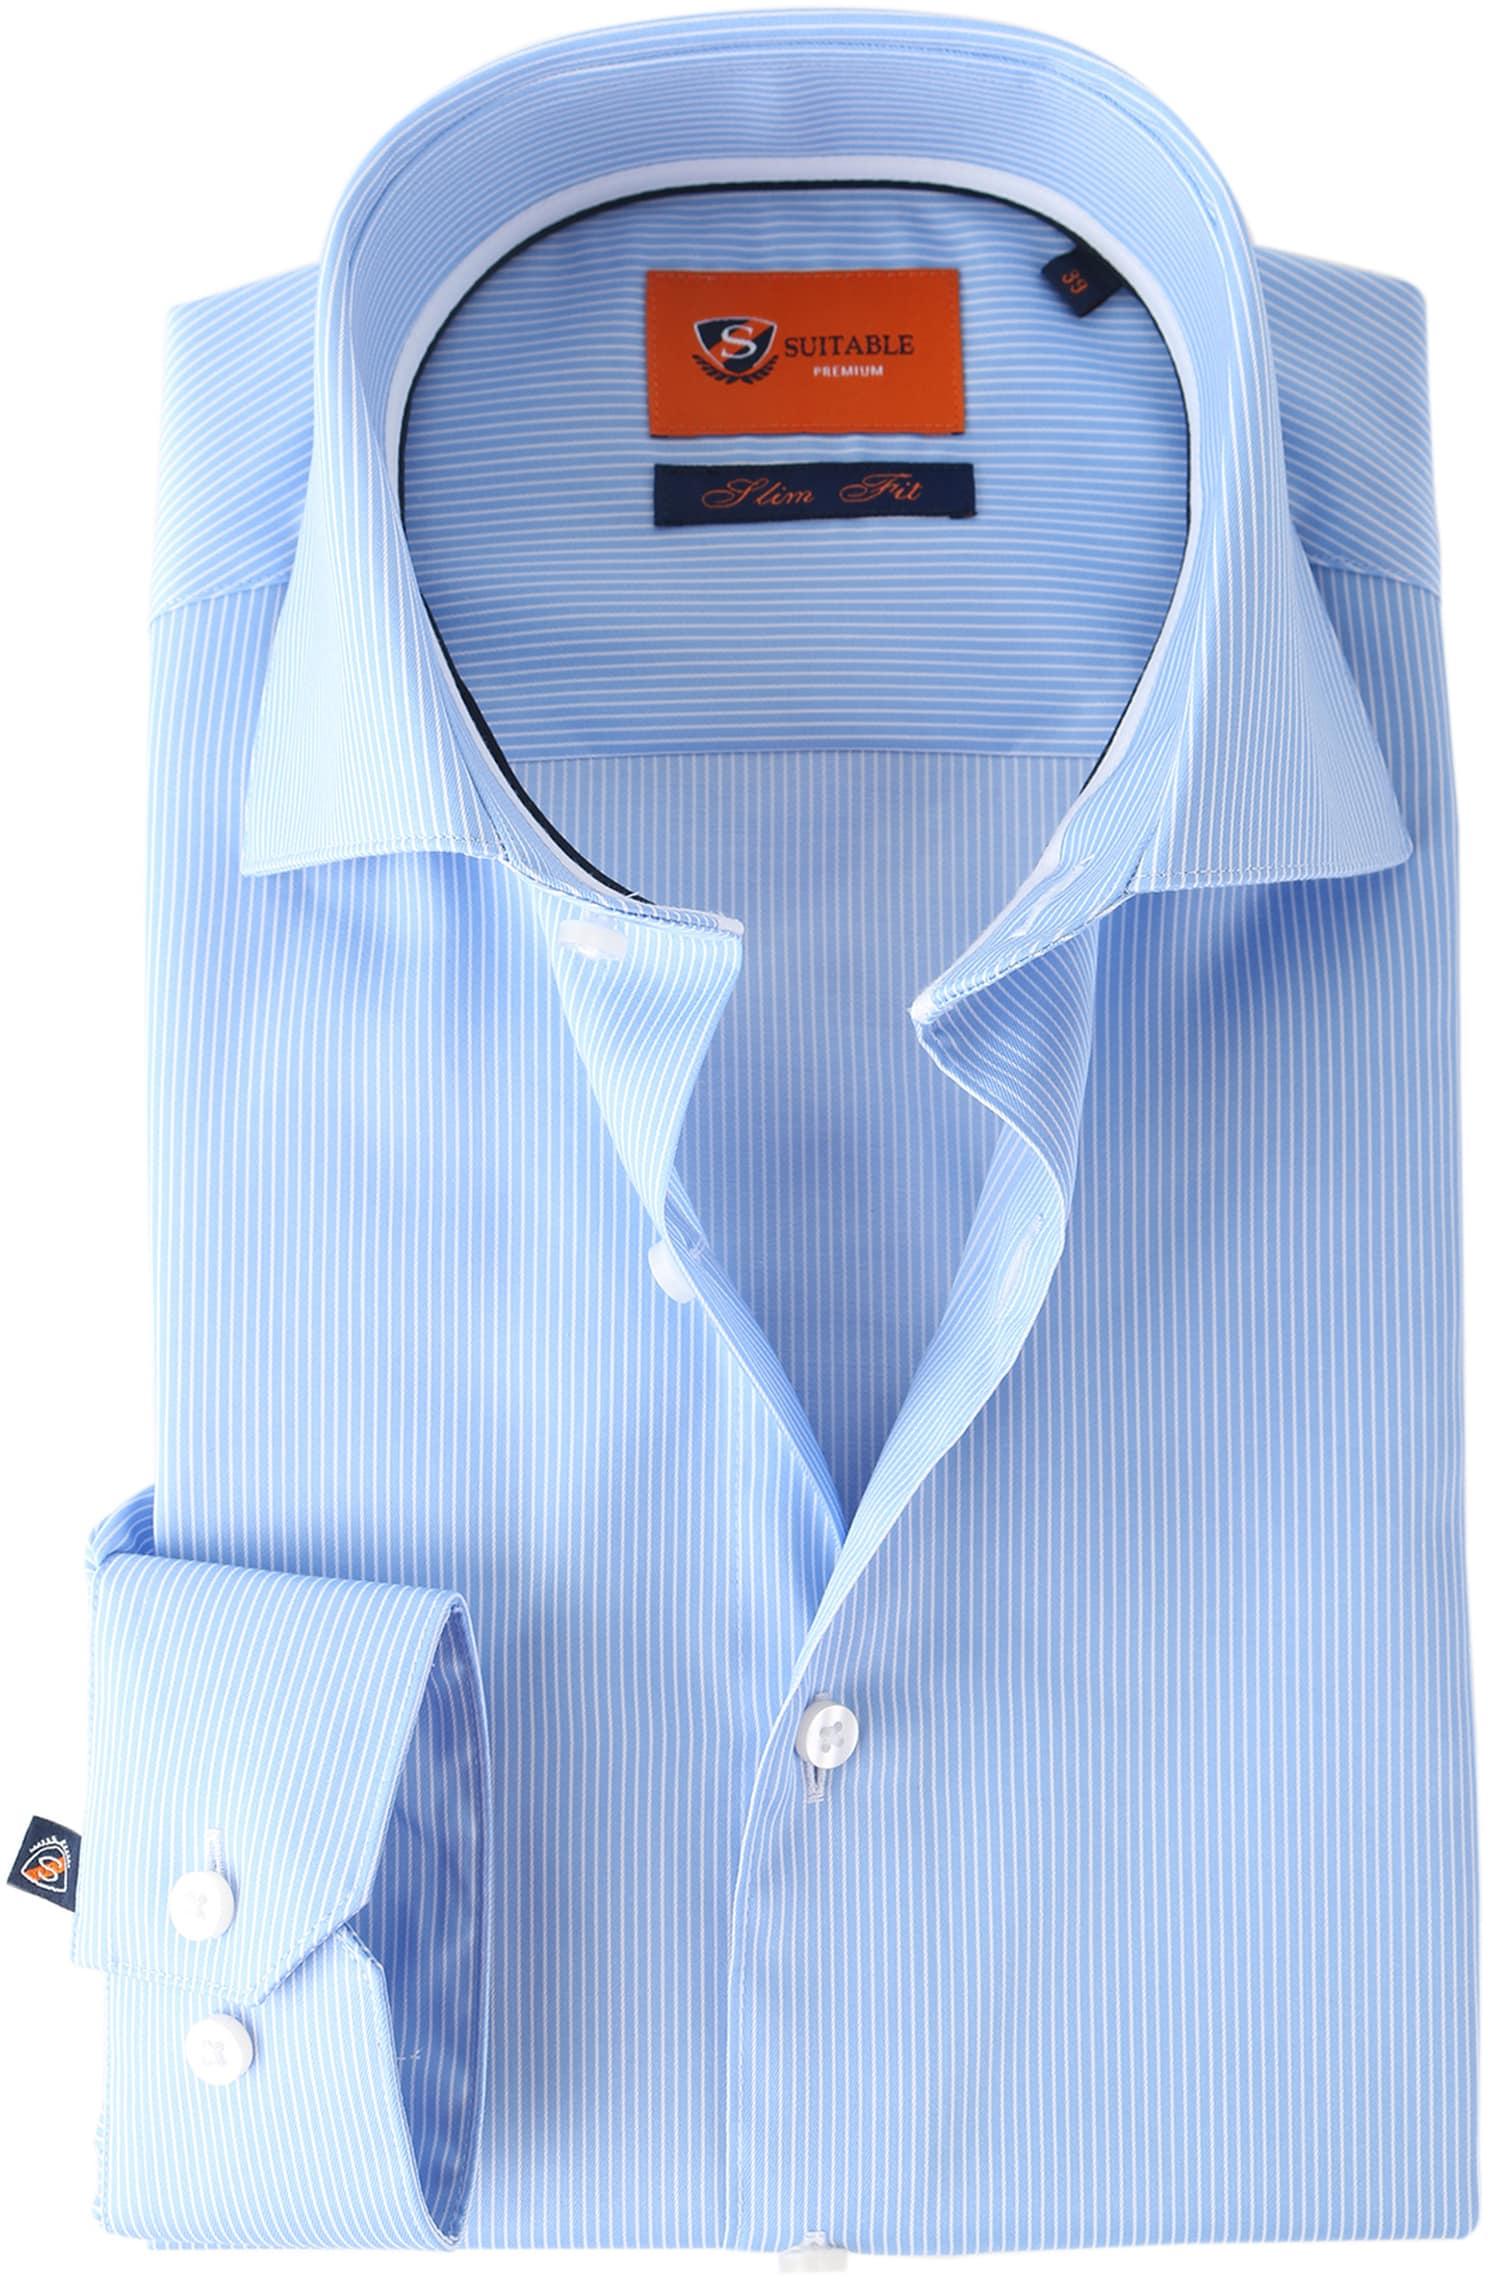 Suitable Overhemd Stripe Blue Adam foto 0